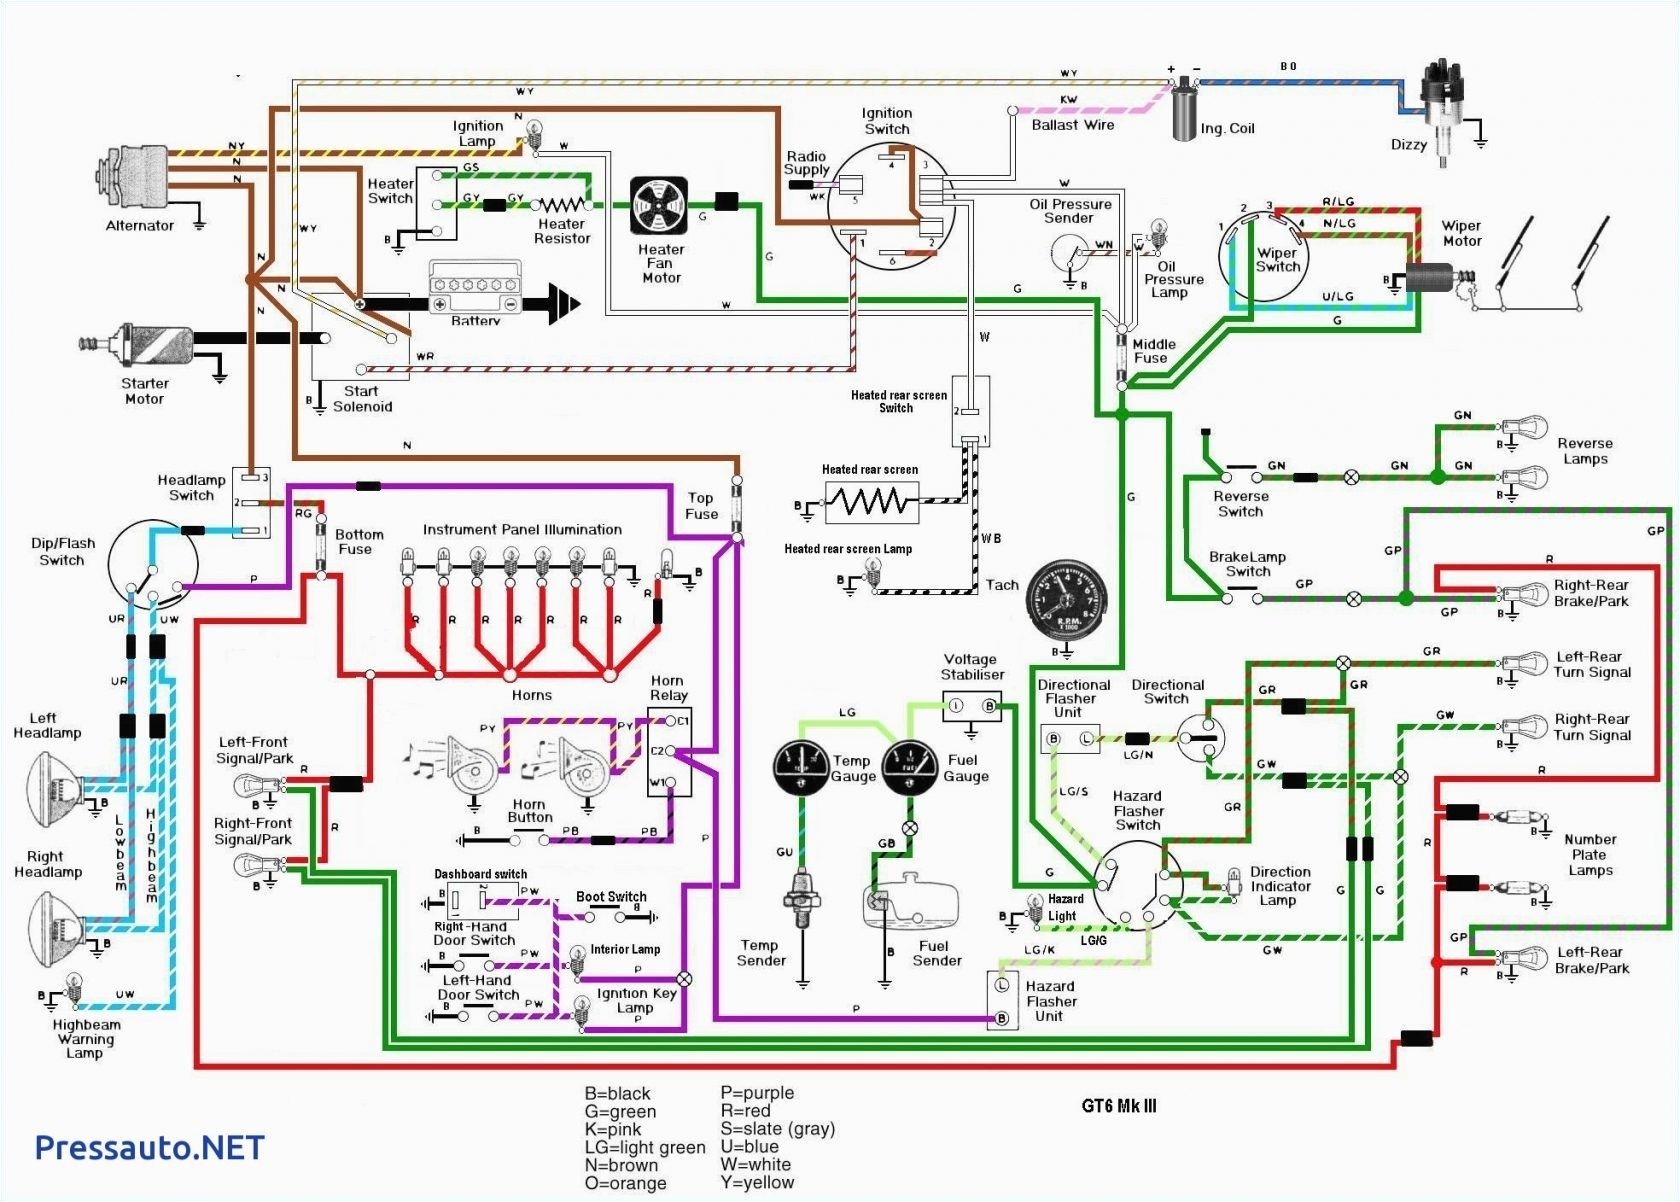 72 porsche wiring diagram wiring diagram insidewrg 3124 914 tach wiring 1972 mgb wiring diagram